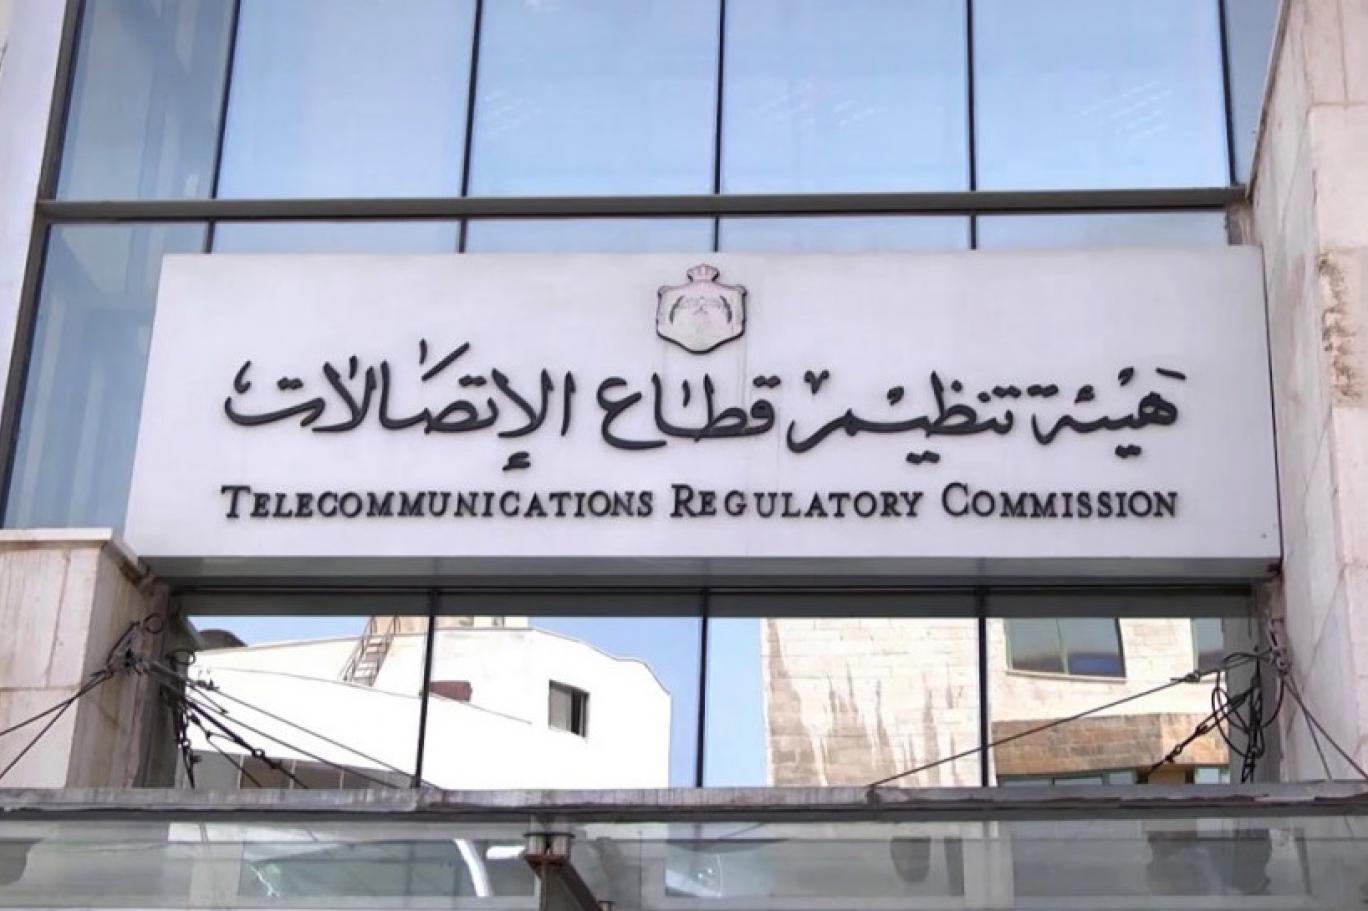 حجب المواقع الإباحية في الأردن  ، مطالبة شعبية برلمانية وتلكؤ حكومي،حربوشة نيوز